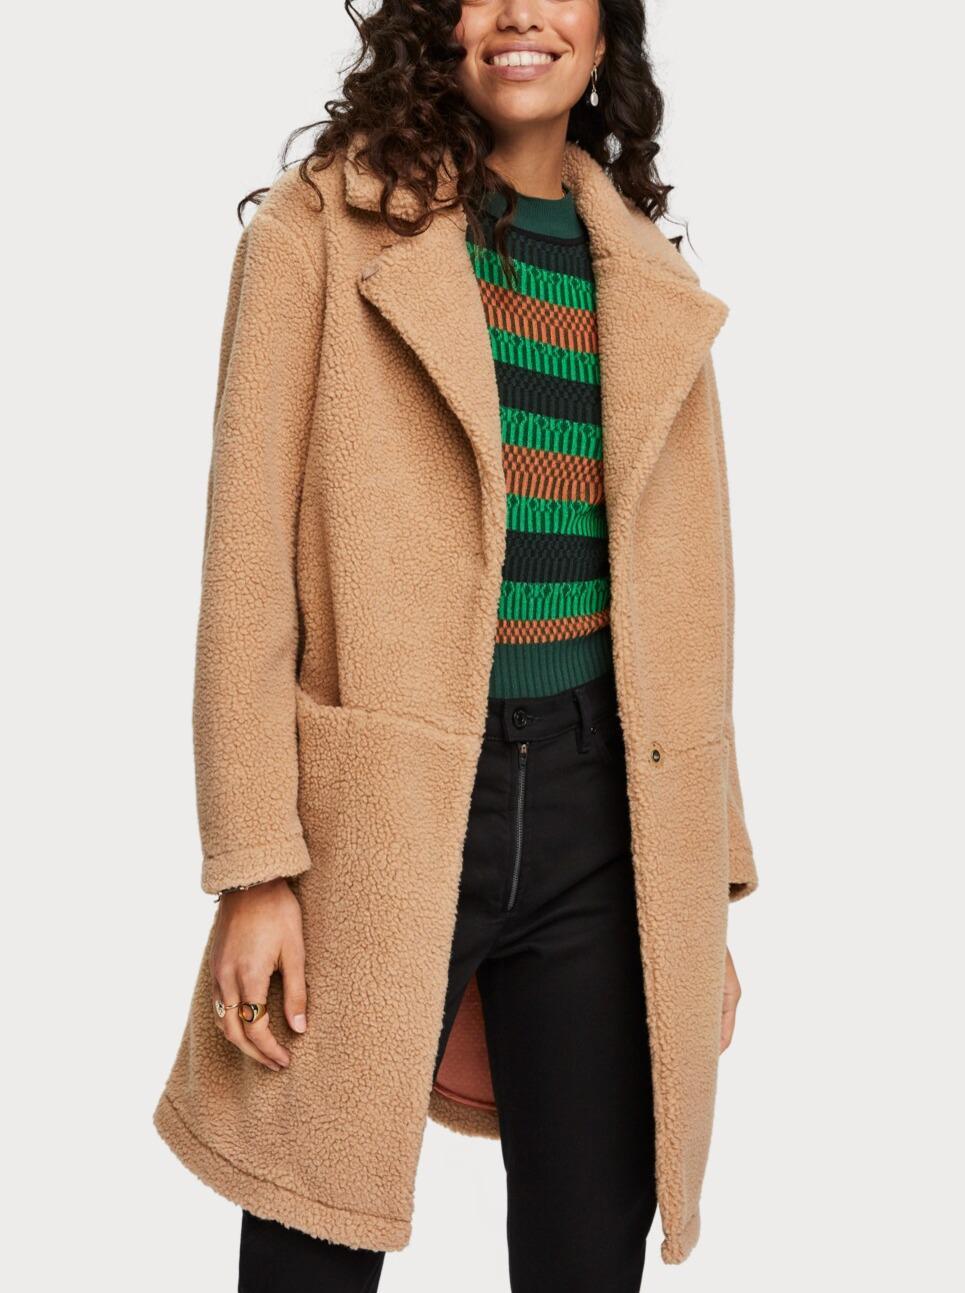 rent winter clothes